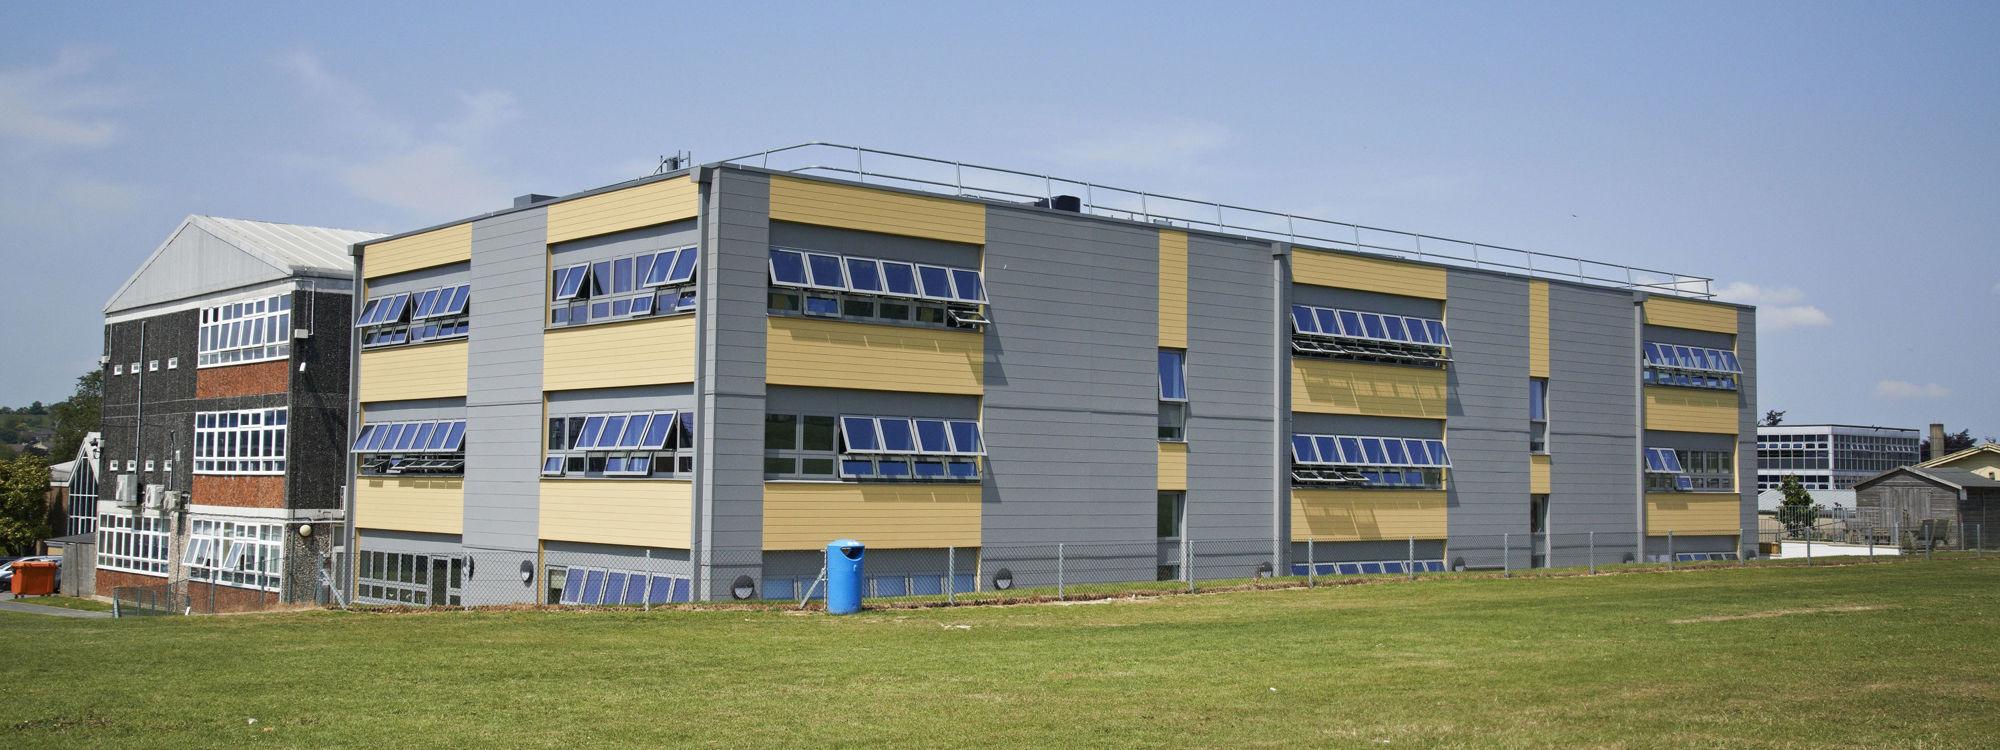 Magill building